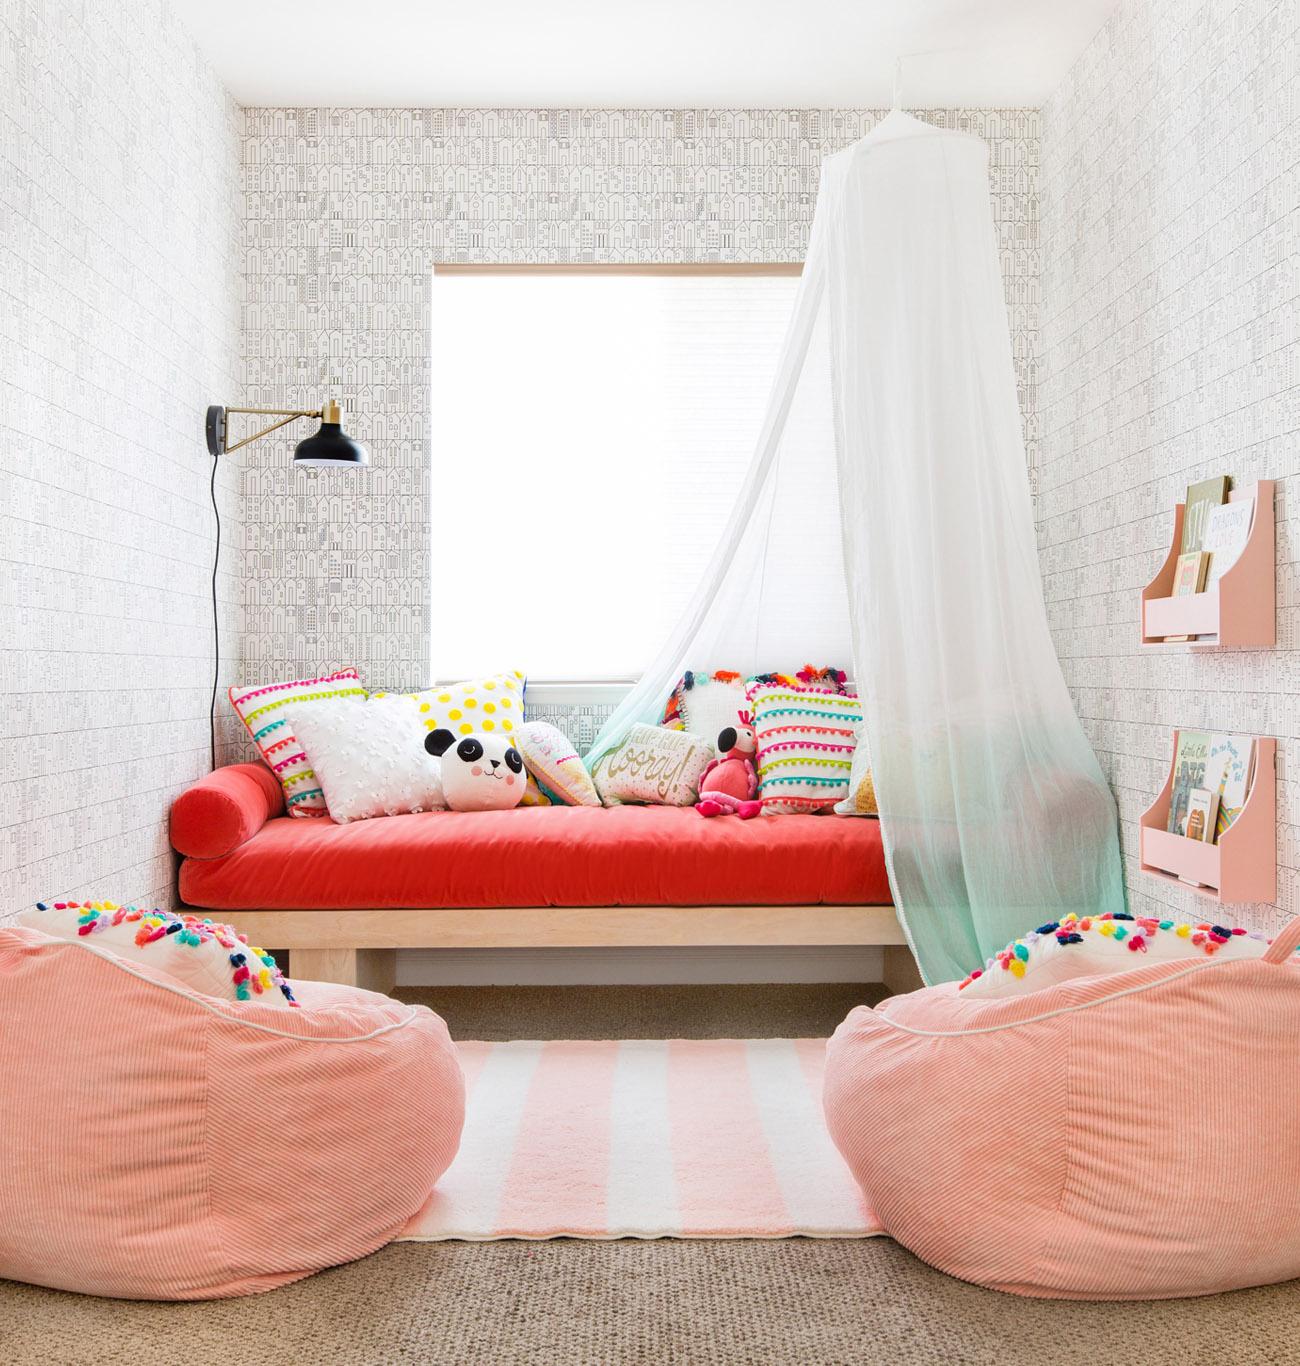 target pillowfort playroom